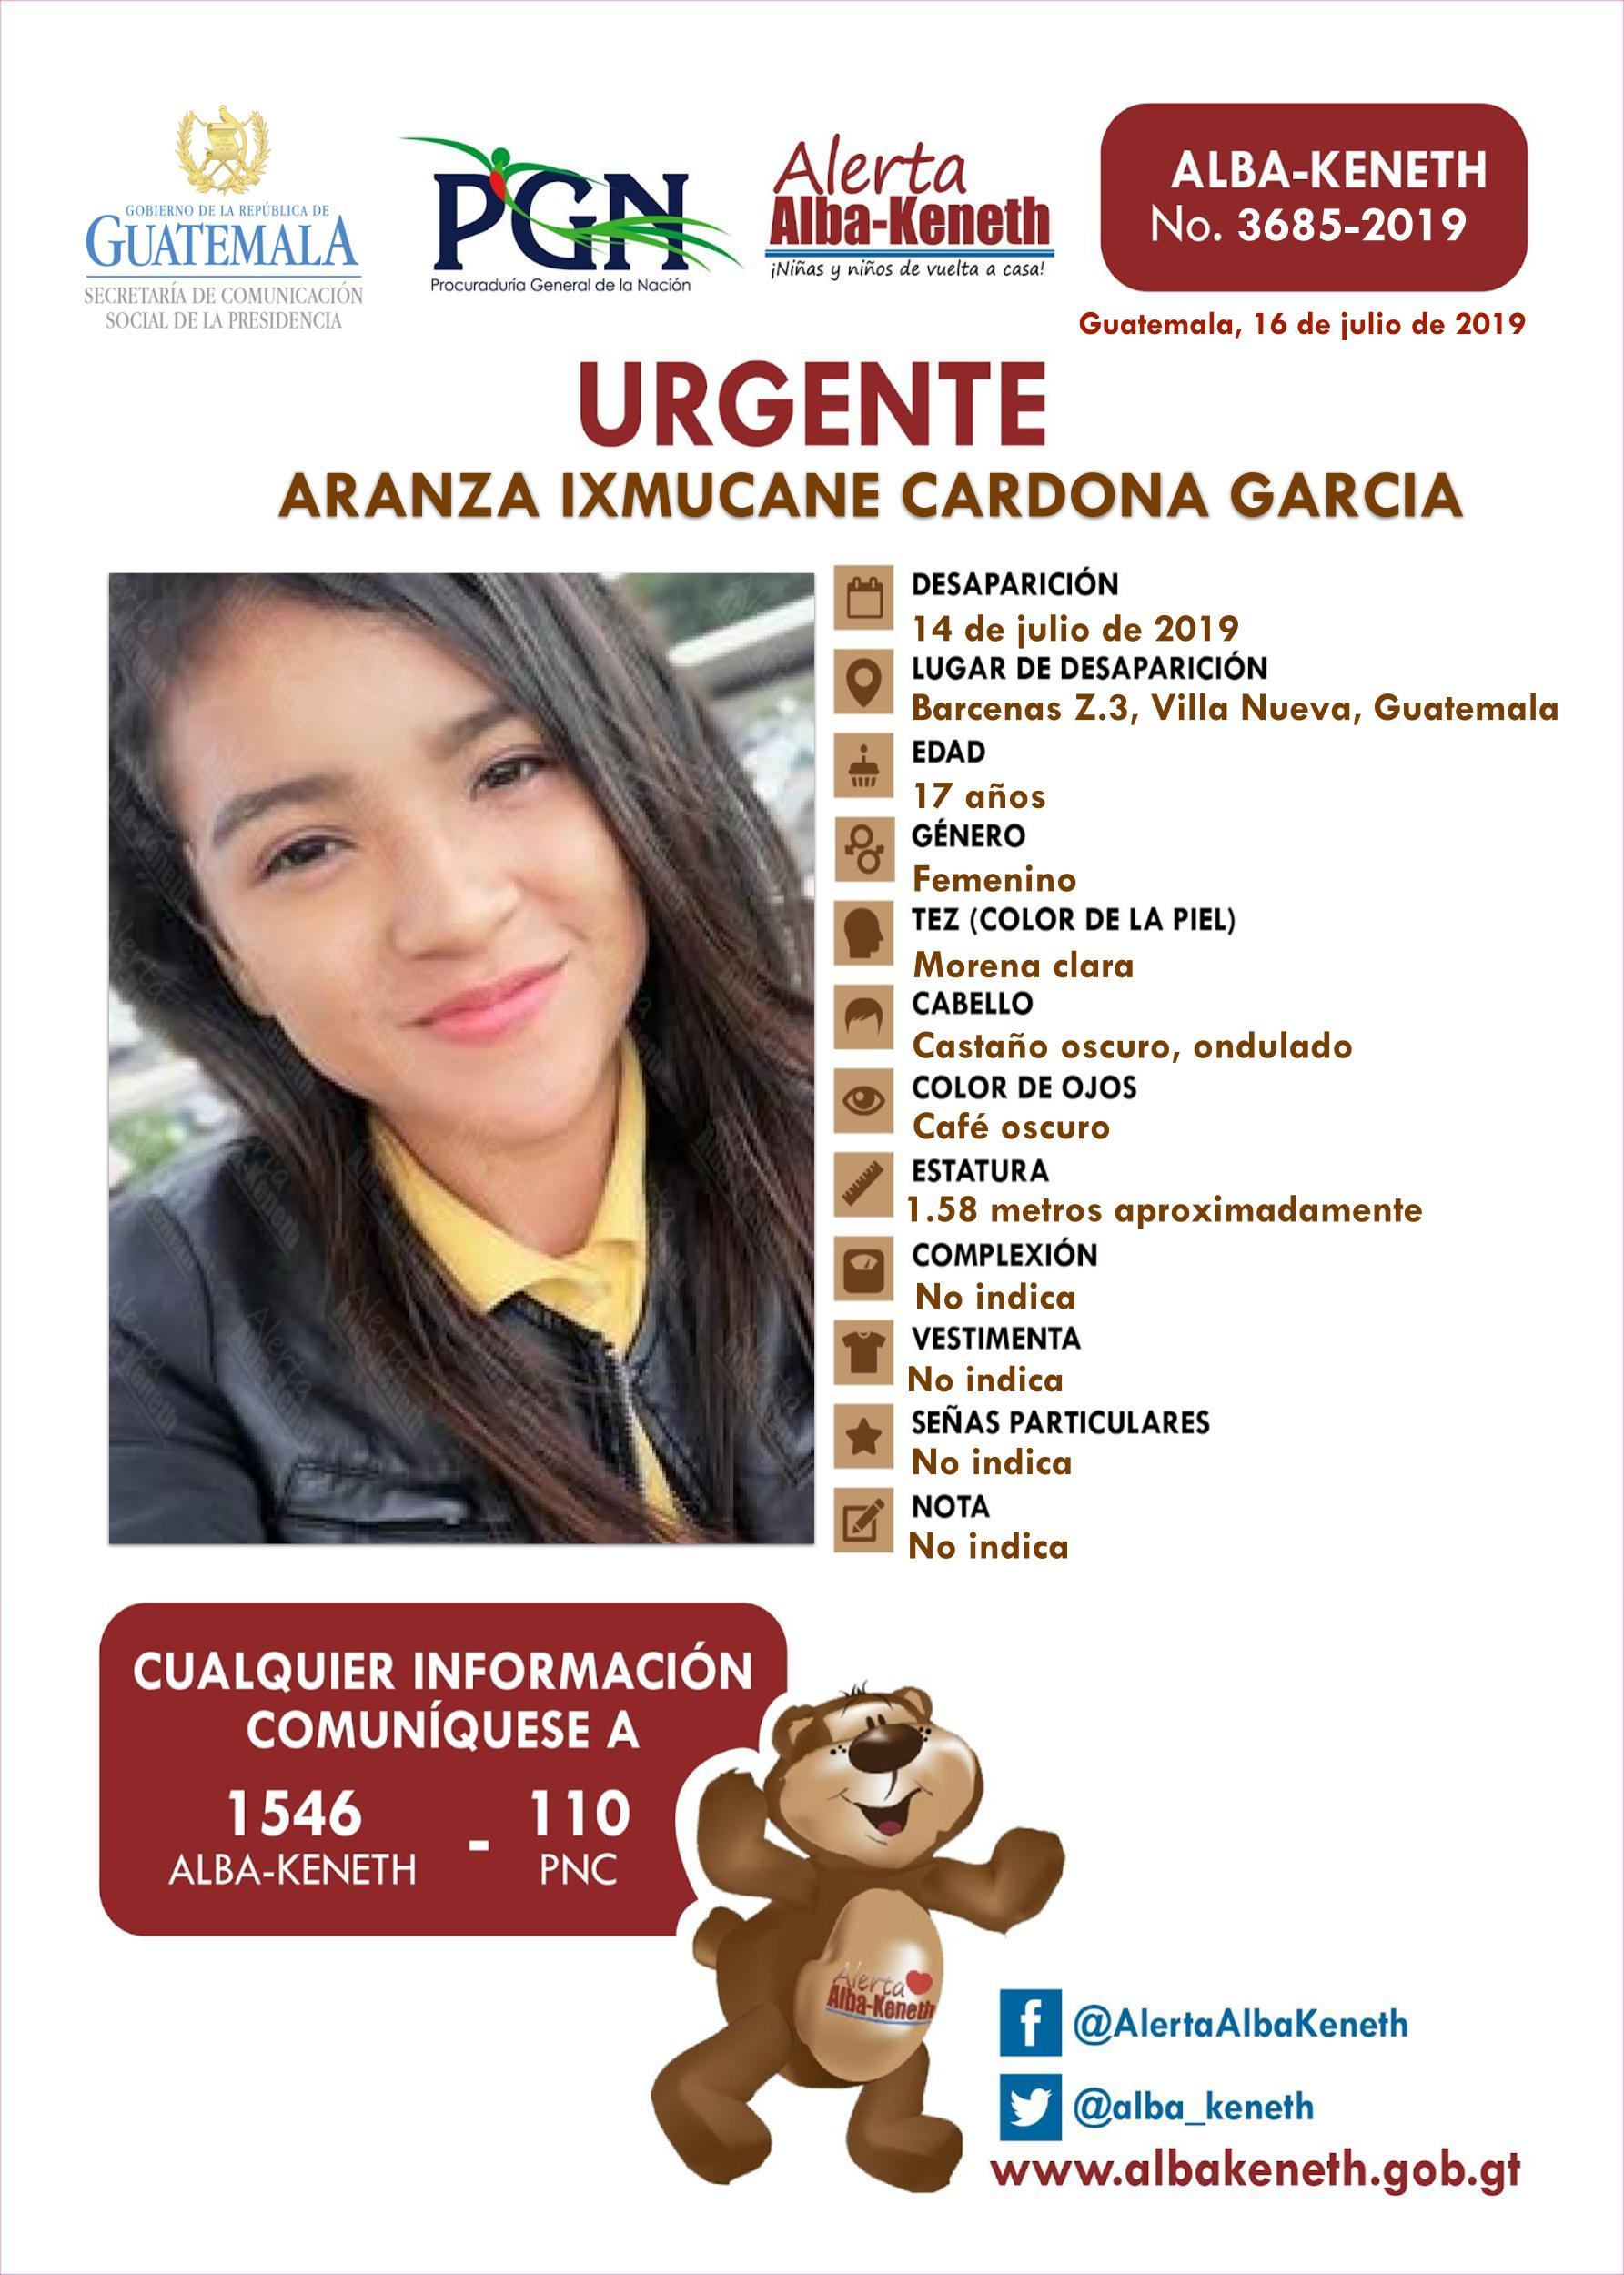 Aranza Ixmucane Cardona Garcia